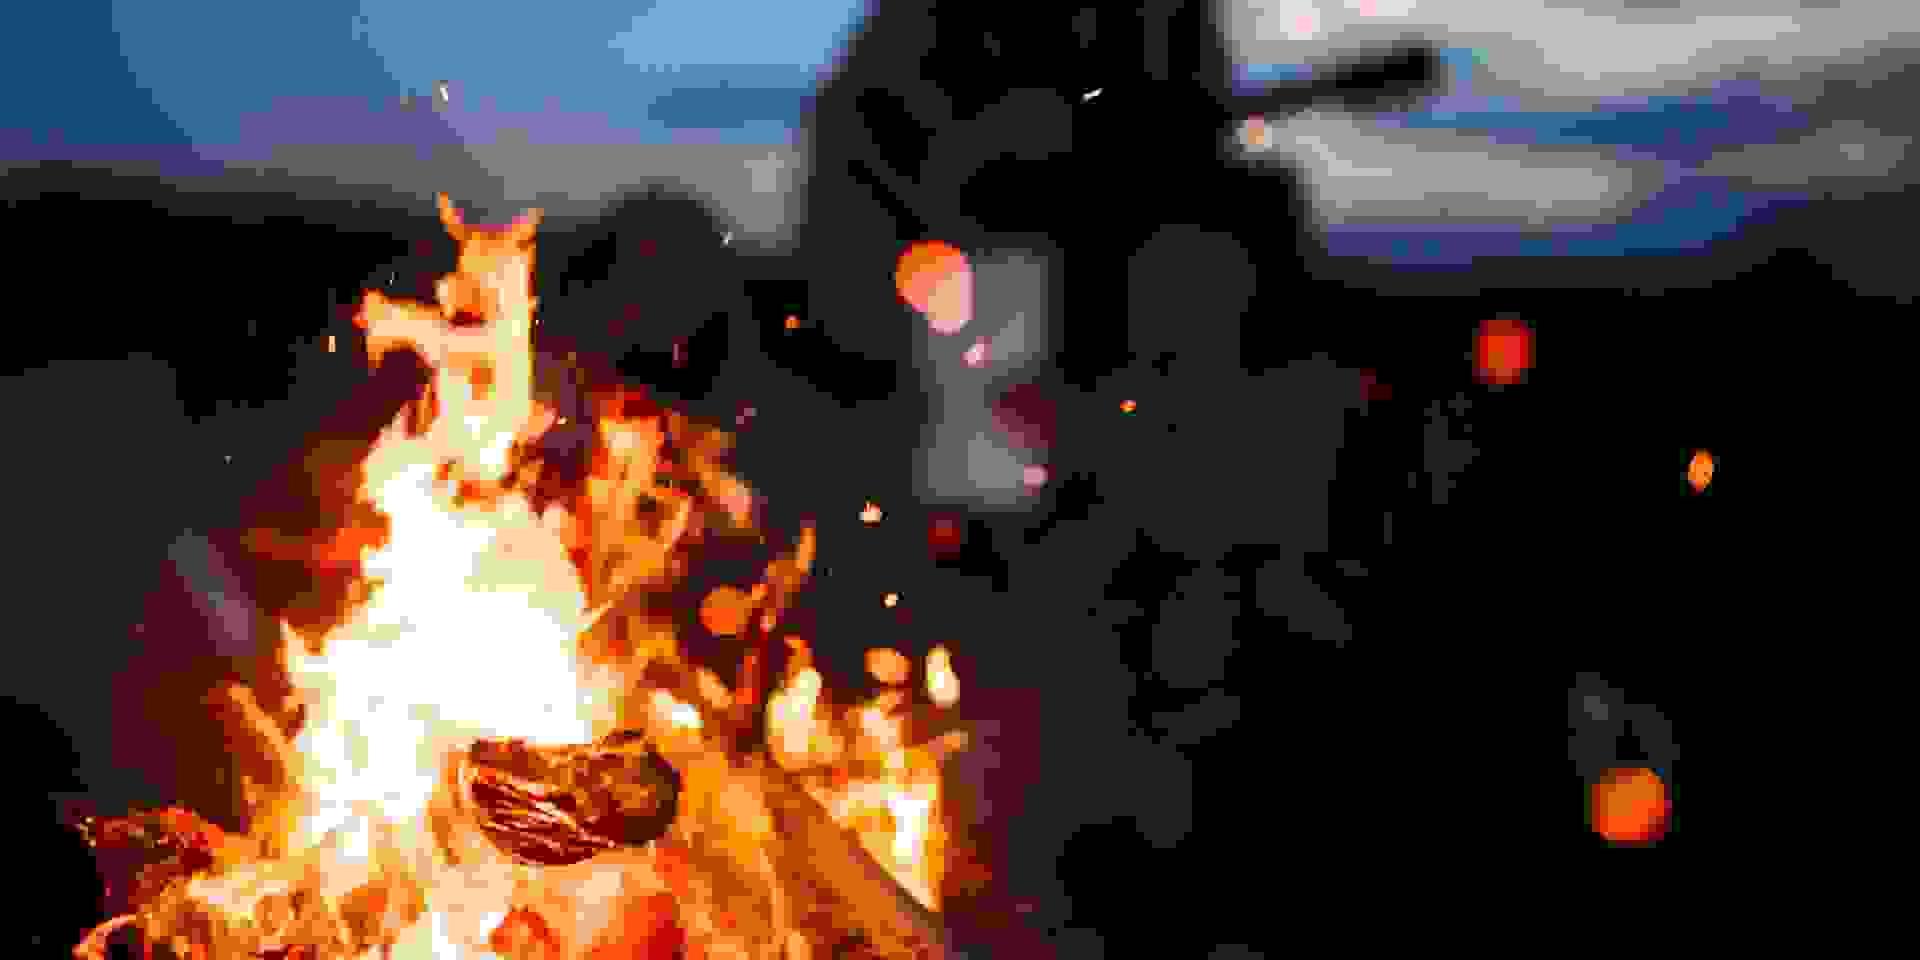 Ein Lagerfeuer brennt in der Nacht und wärmt Wanderer.